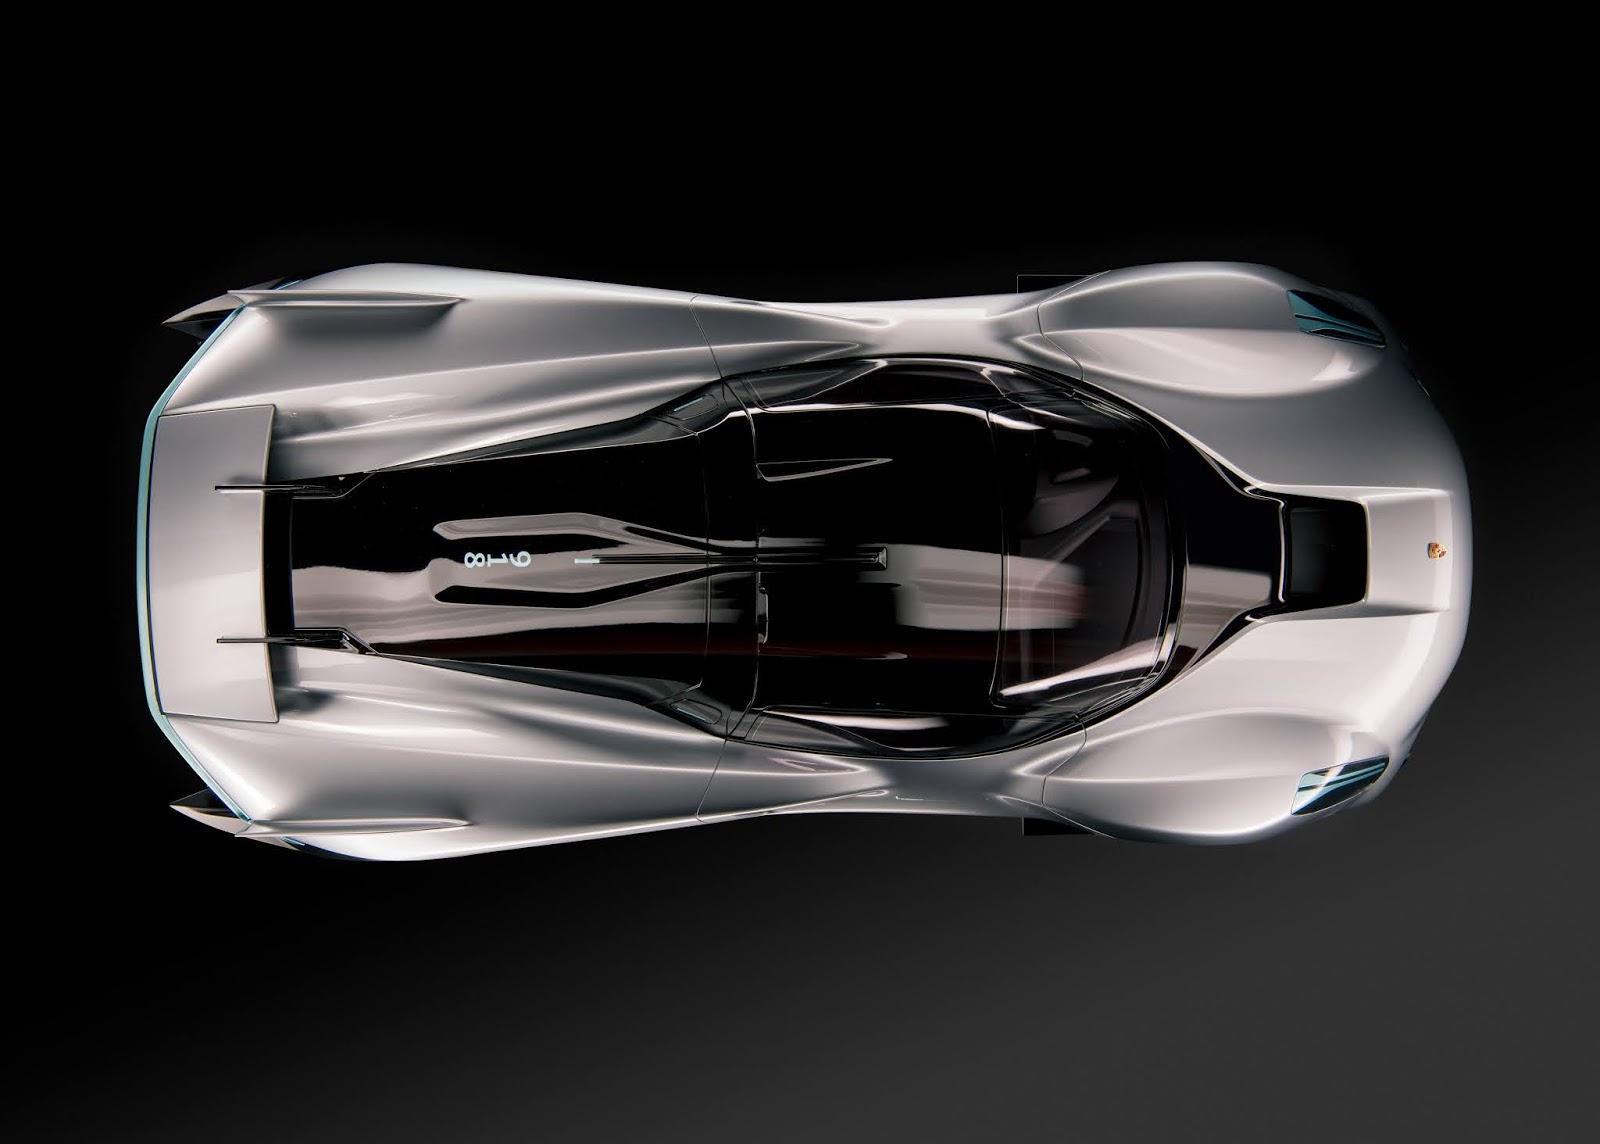 Capture0061 Τα άγνωστα Hypercars της Porsche hypercar, Porsche, Porsche Unseen, Sunday, supercar, supercars, zblog, ειδήσεις